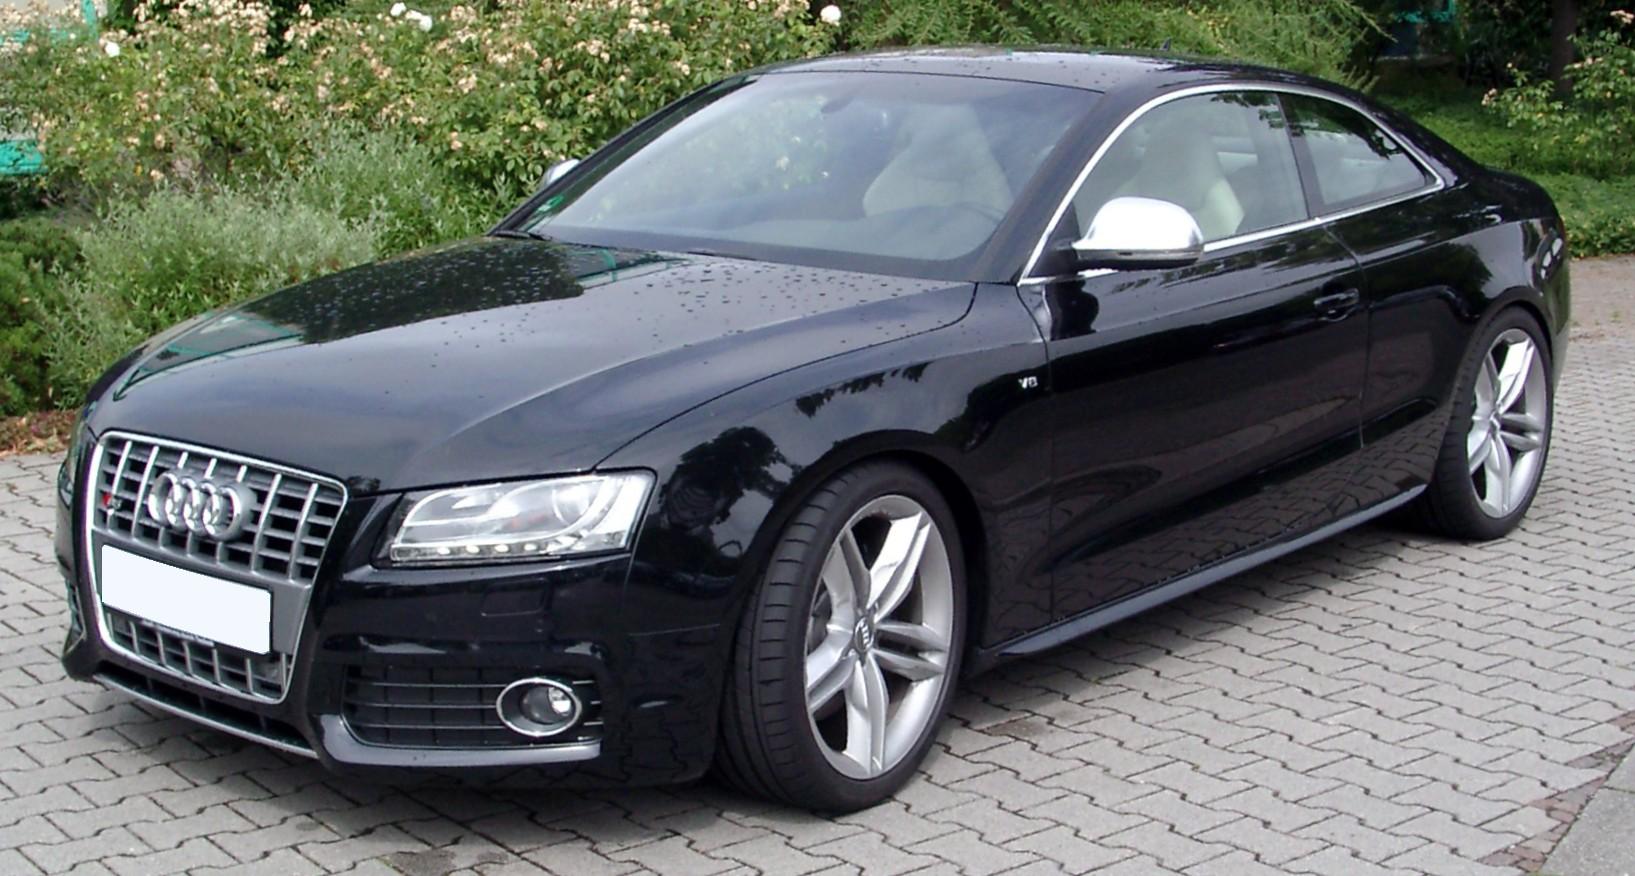 Audi rs5 2016 wikipedia 12